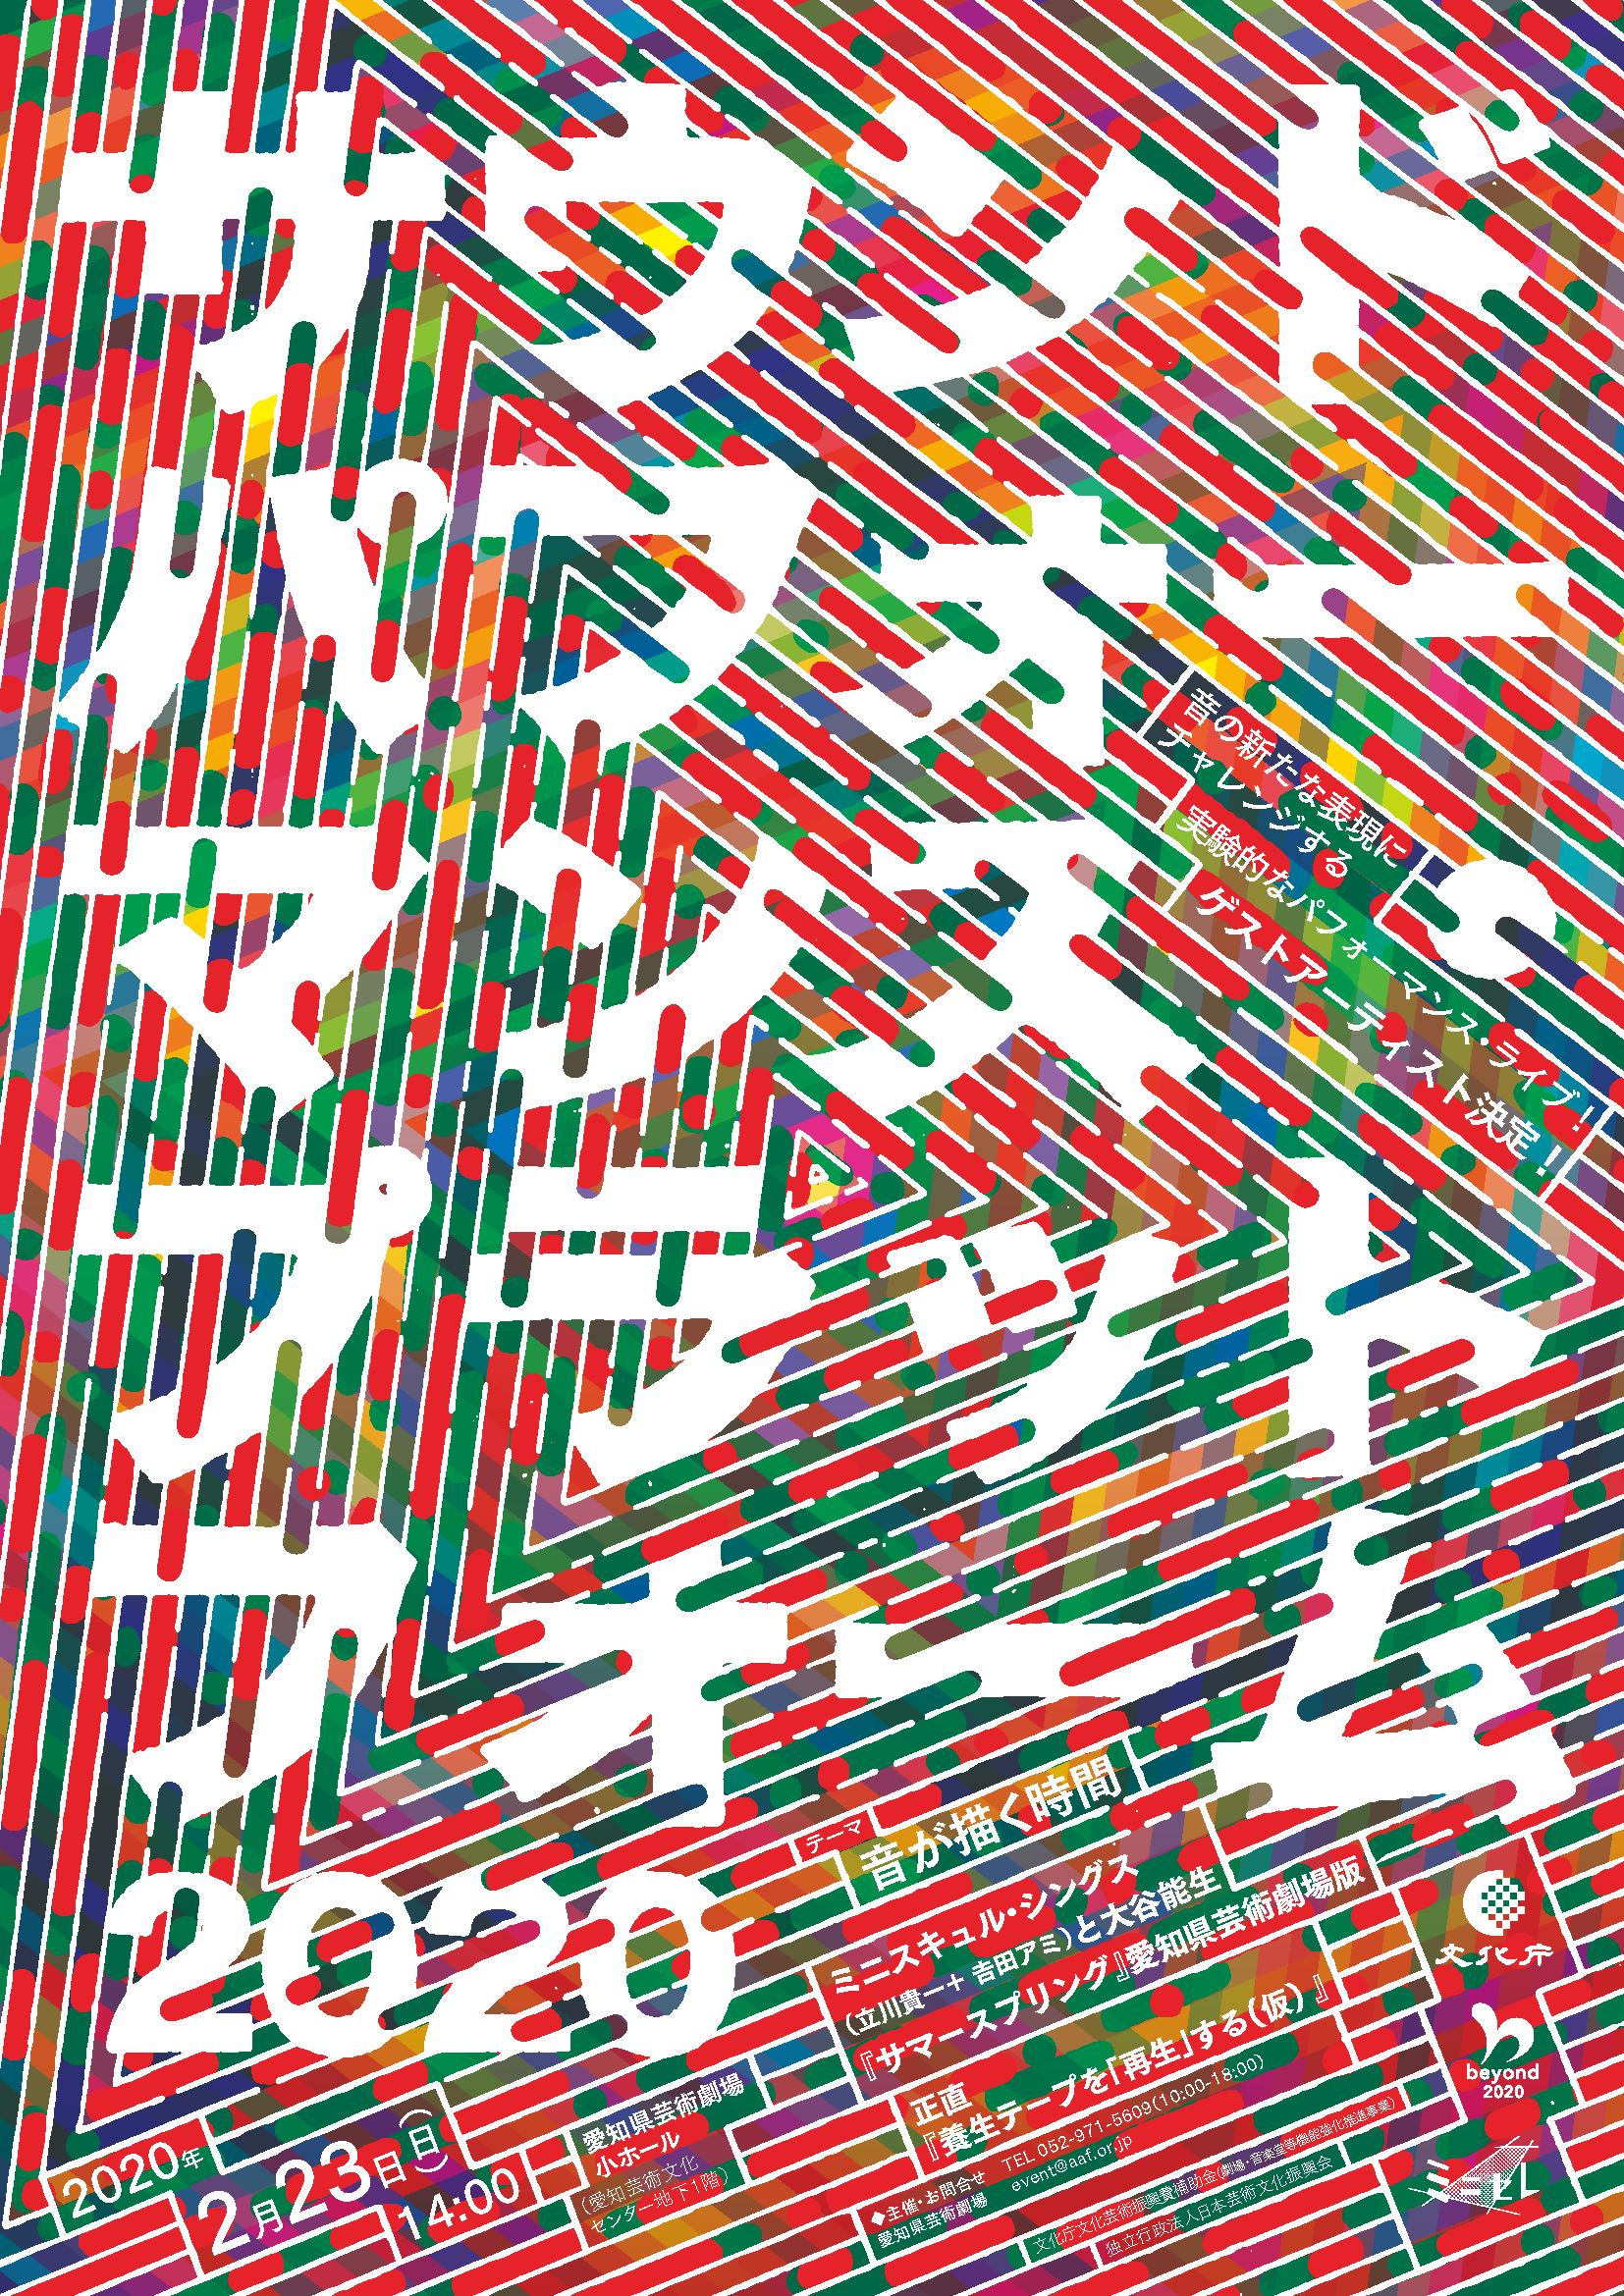 【中継 収録】サウンドパフォーマンス・プラットフォーム2020